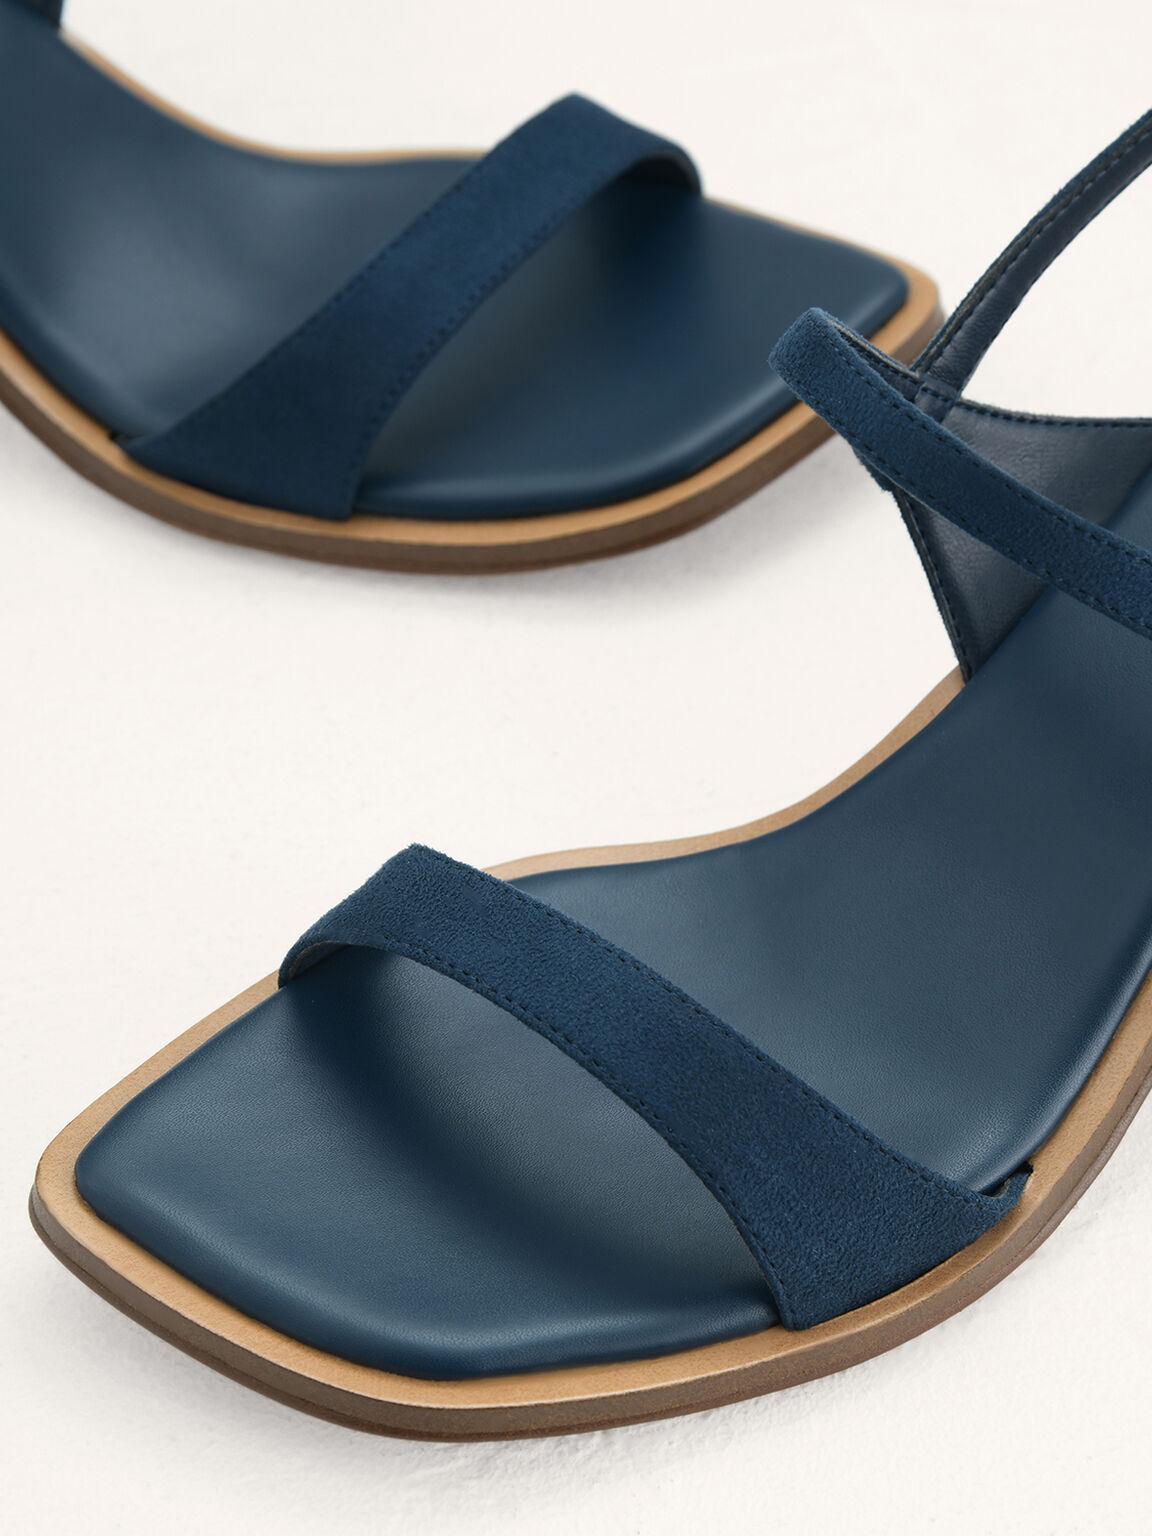 Slingback Heeled Sandals, Navy, hi-res